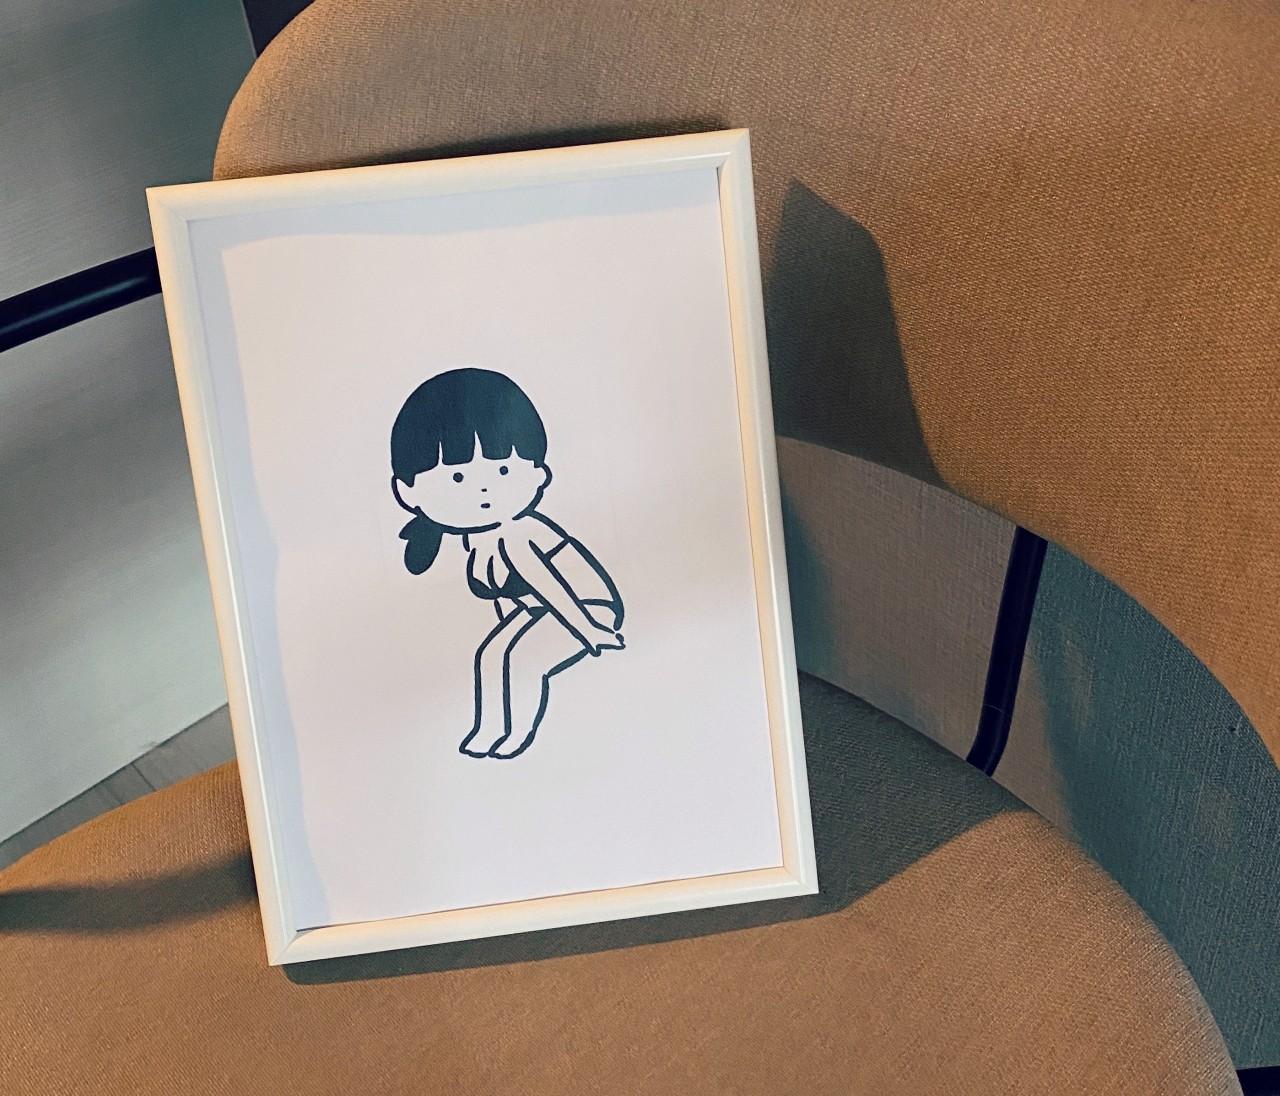 【人気イラストレーター】の作品をフリーでゲット!お部屋やスマホをアートで飾ってみた♡